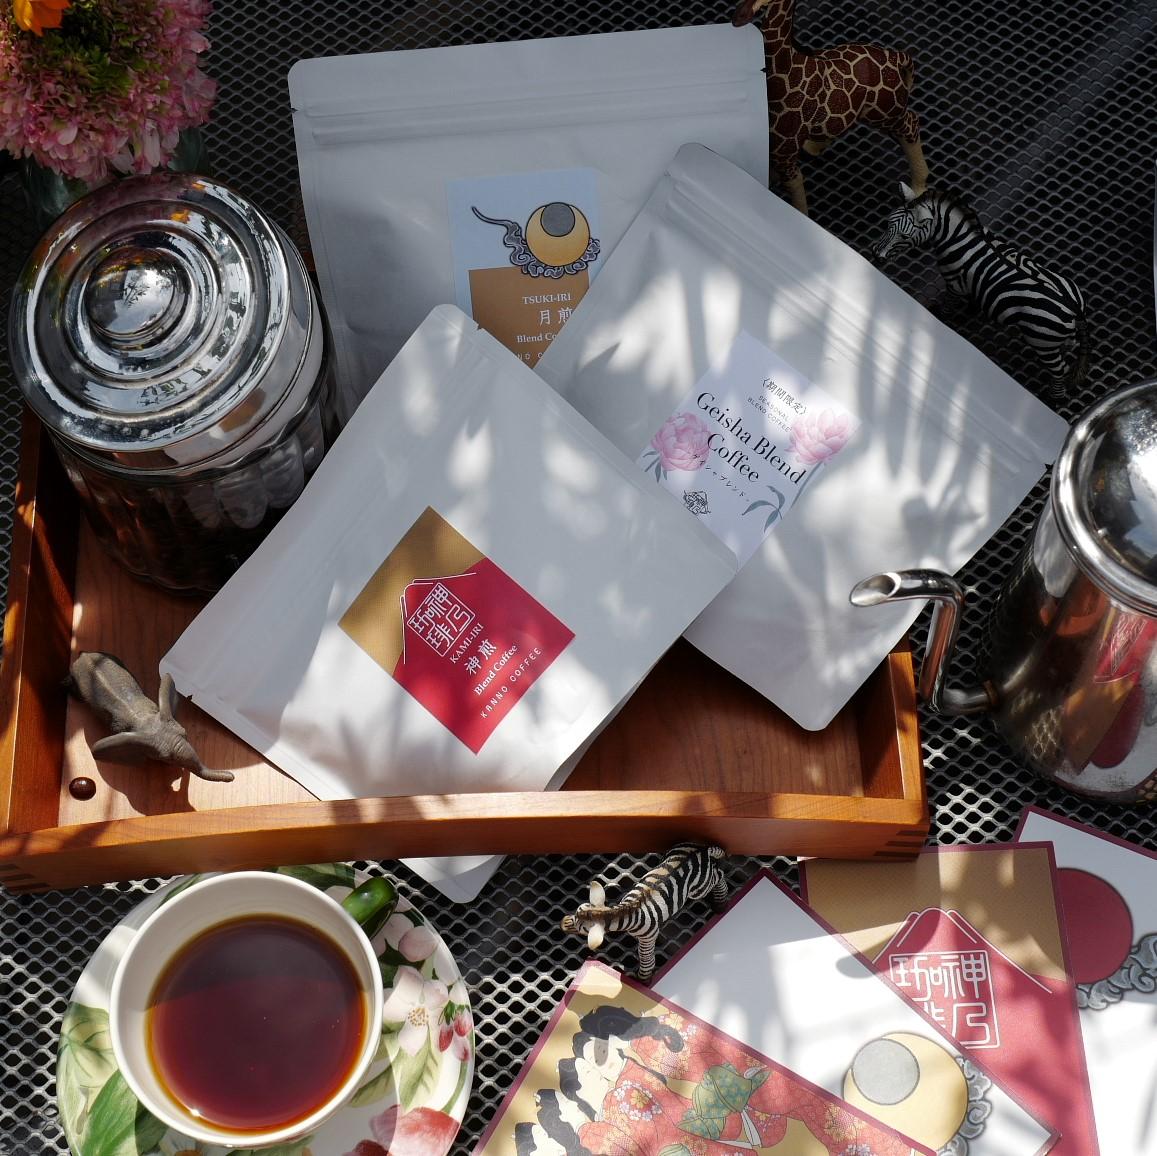 【月1回】スペシャルティコーヒー定期便「ビタータイプ」400g(神煎・月煎各100g、シーズナル200g)